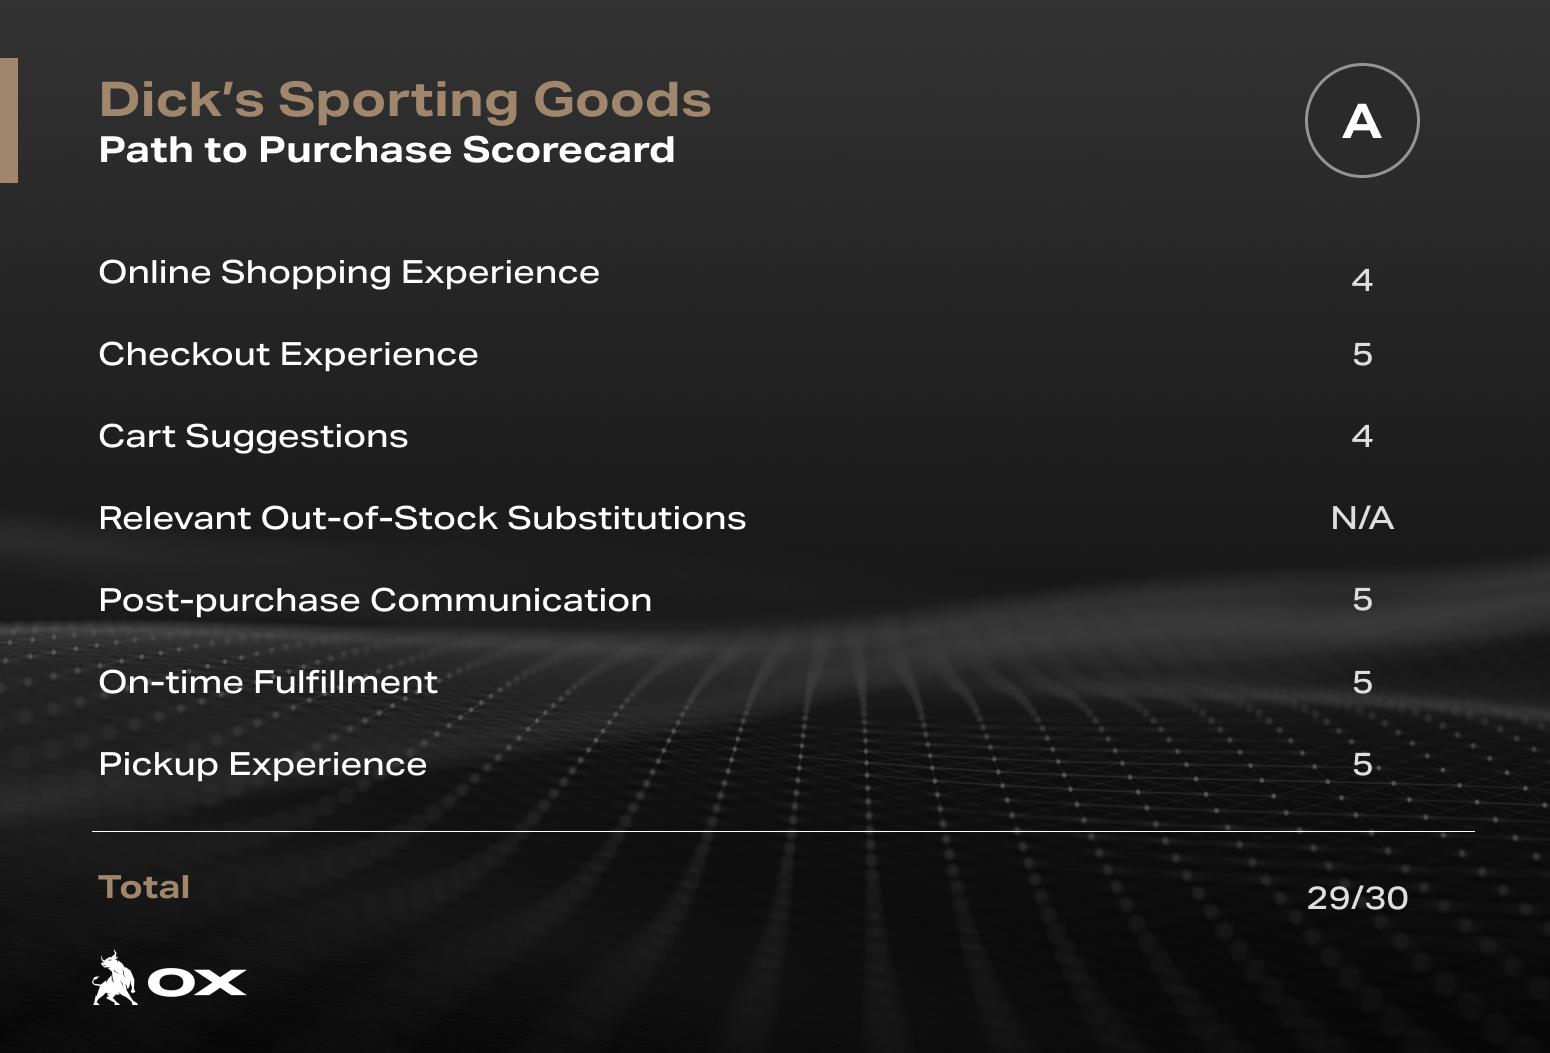 BOPIS Scorecard_ Dicks Sporting Goods (1)